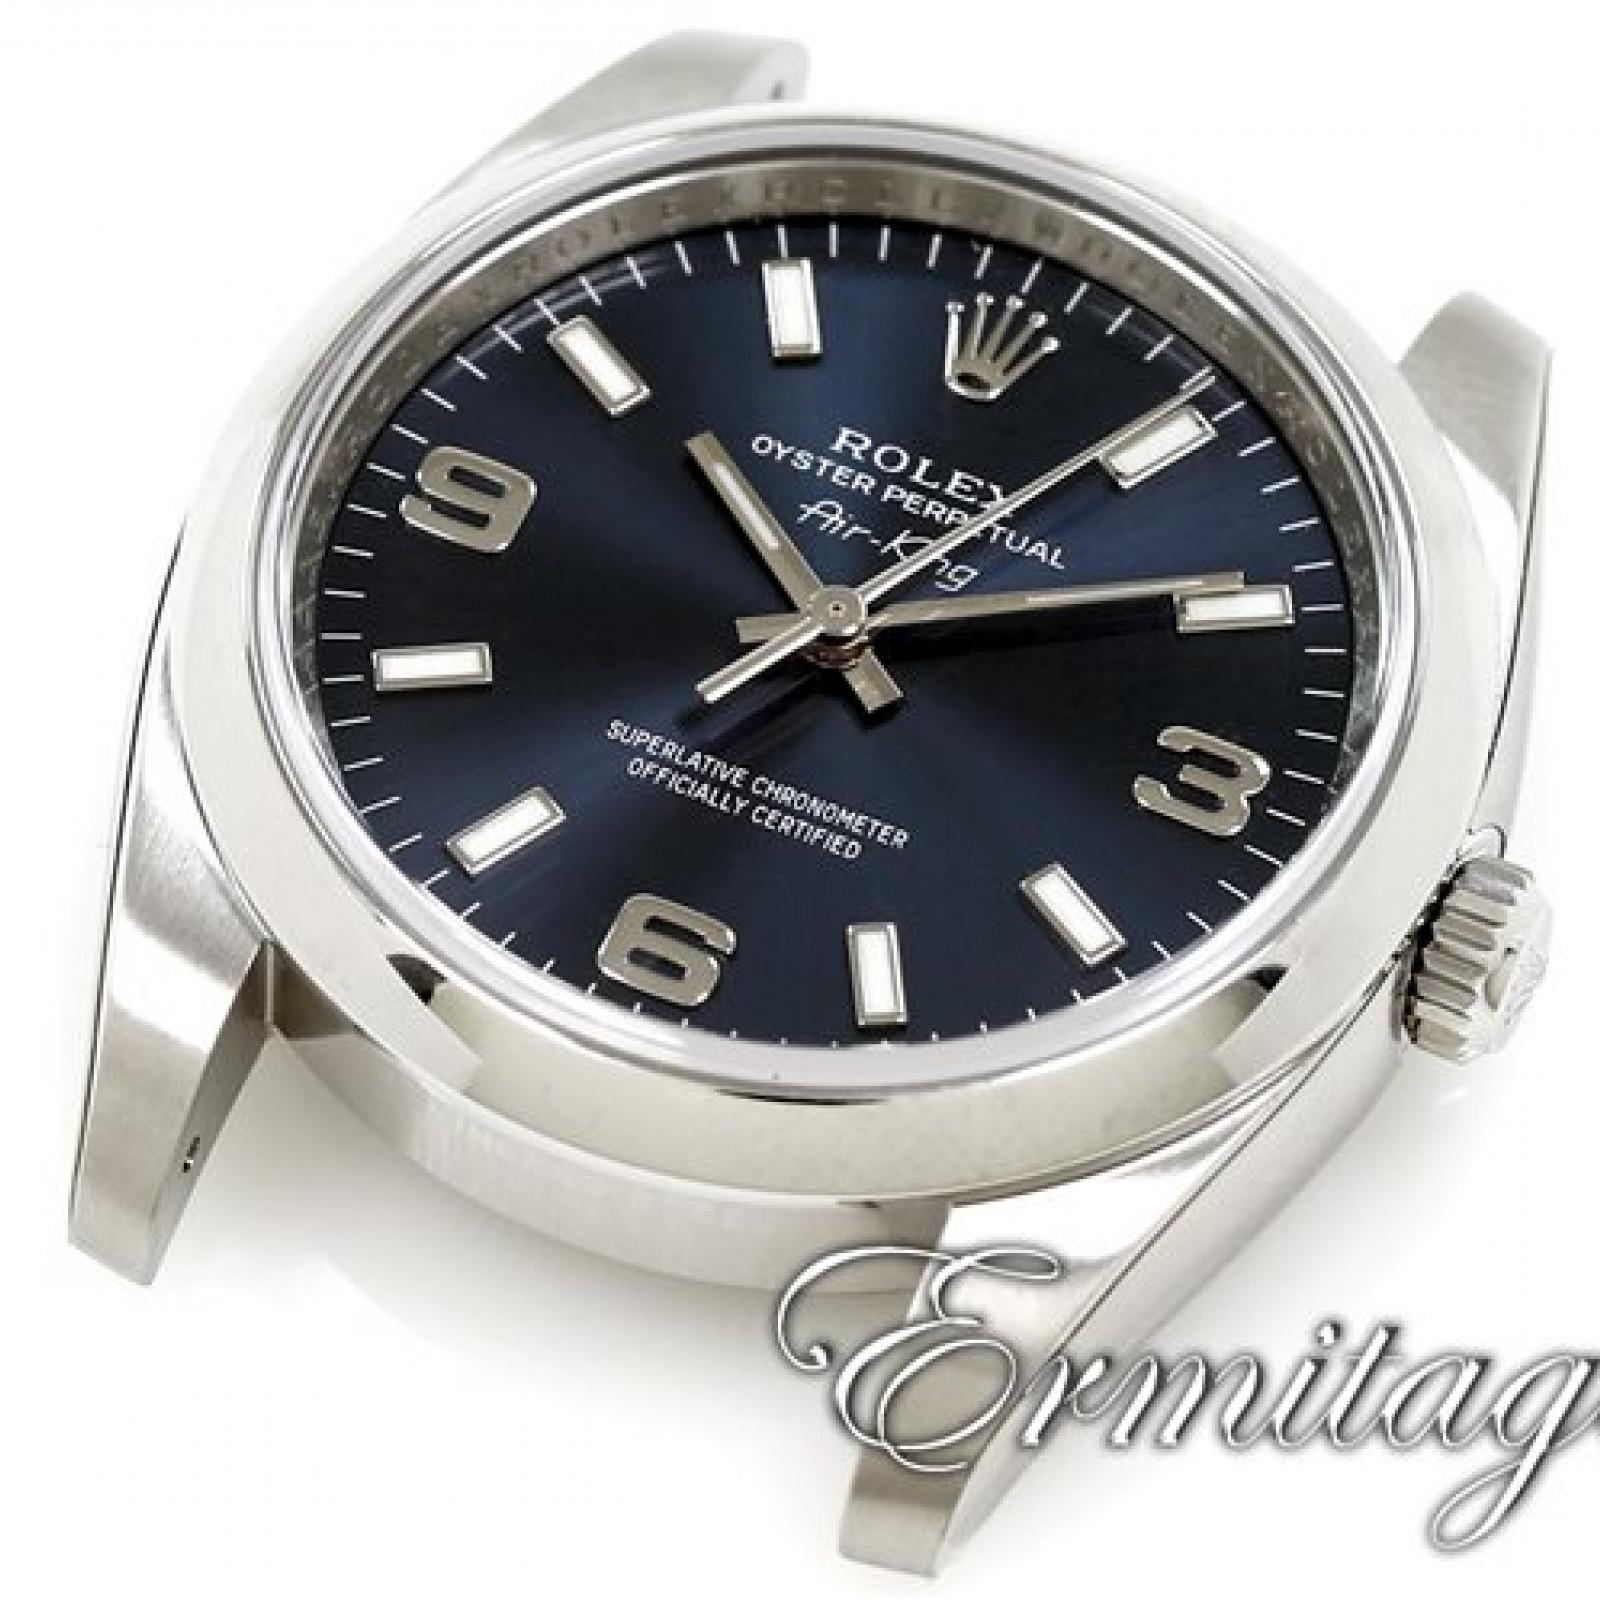 Rolex Air King 114200 Blue Dial